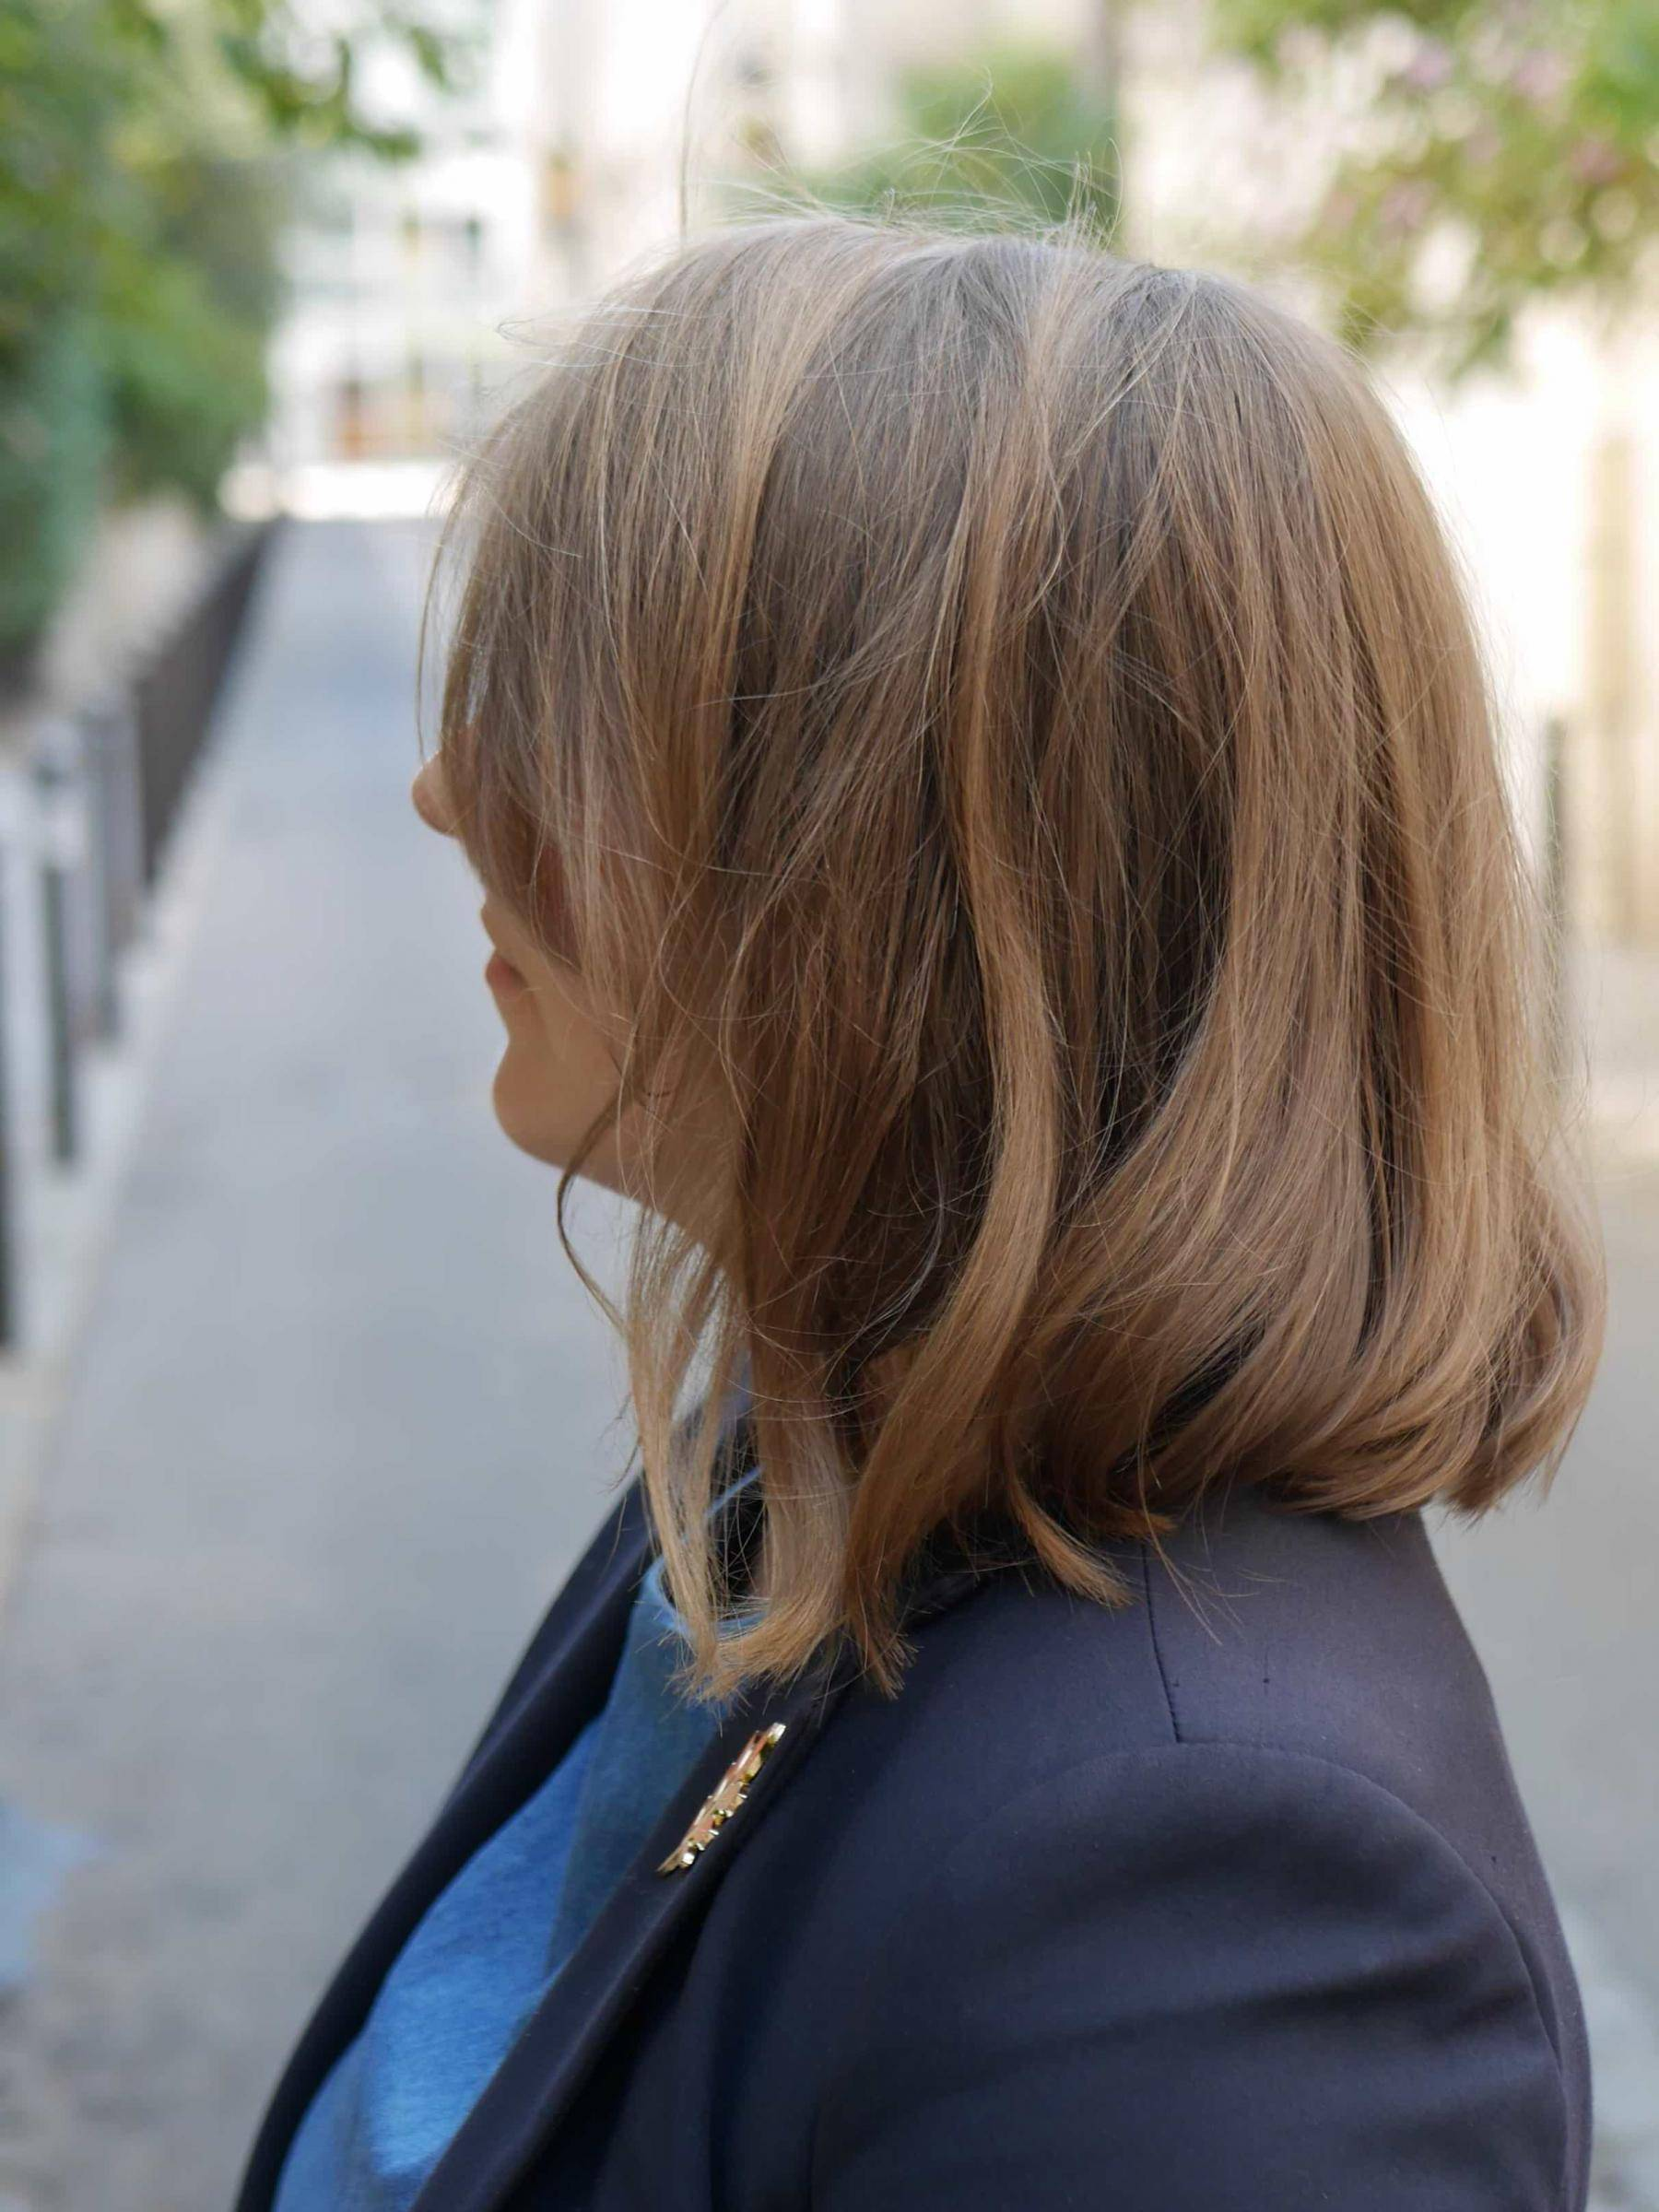 coiffure wavy carré